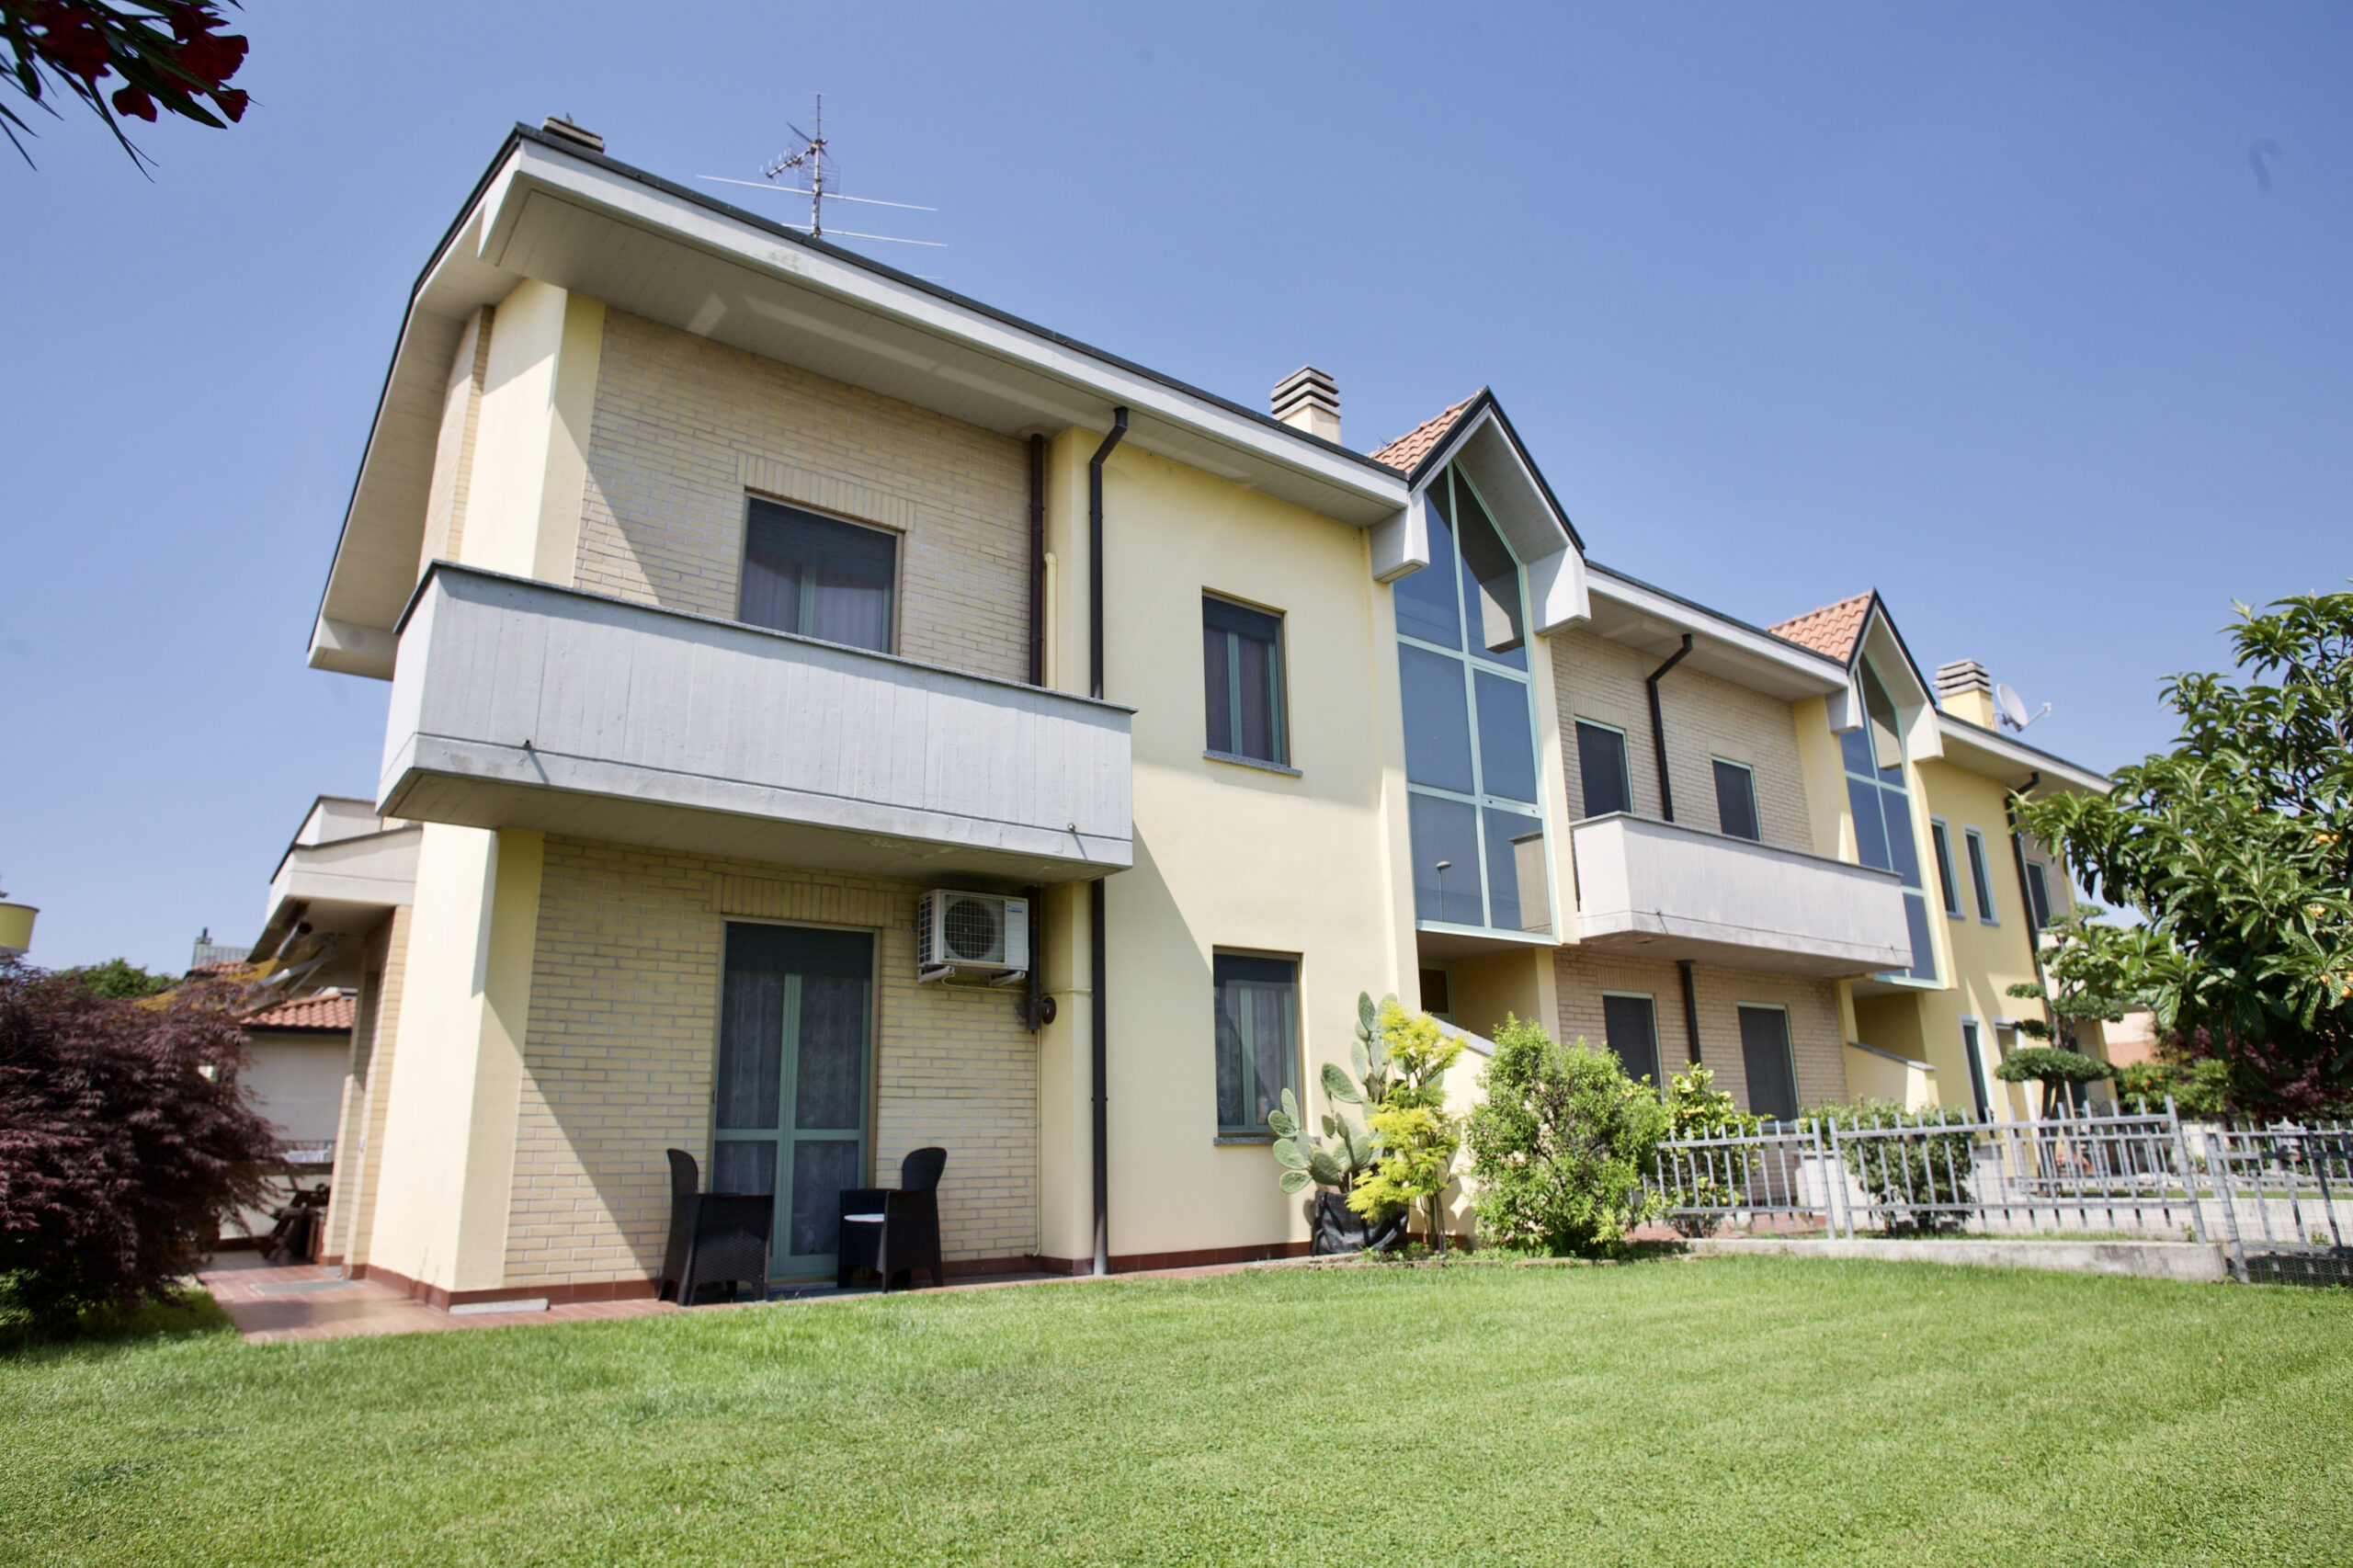 Villa laterale a Casirate D'Adda